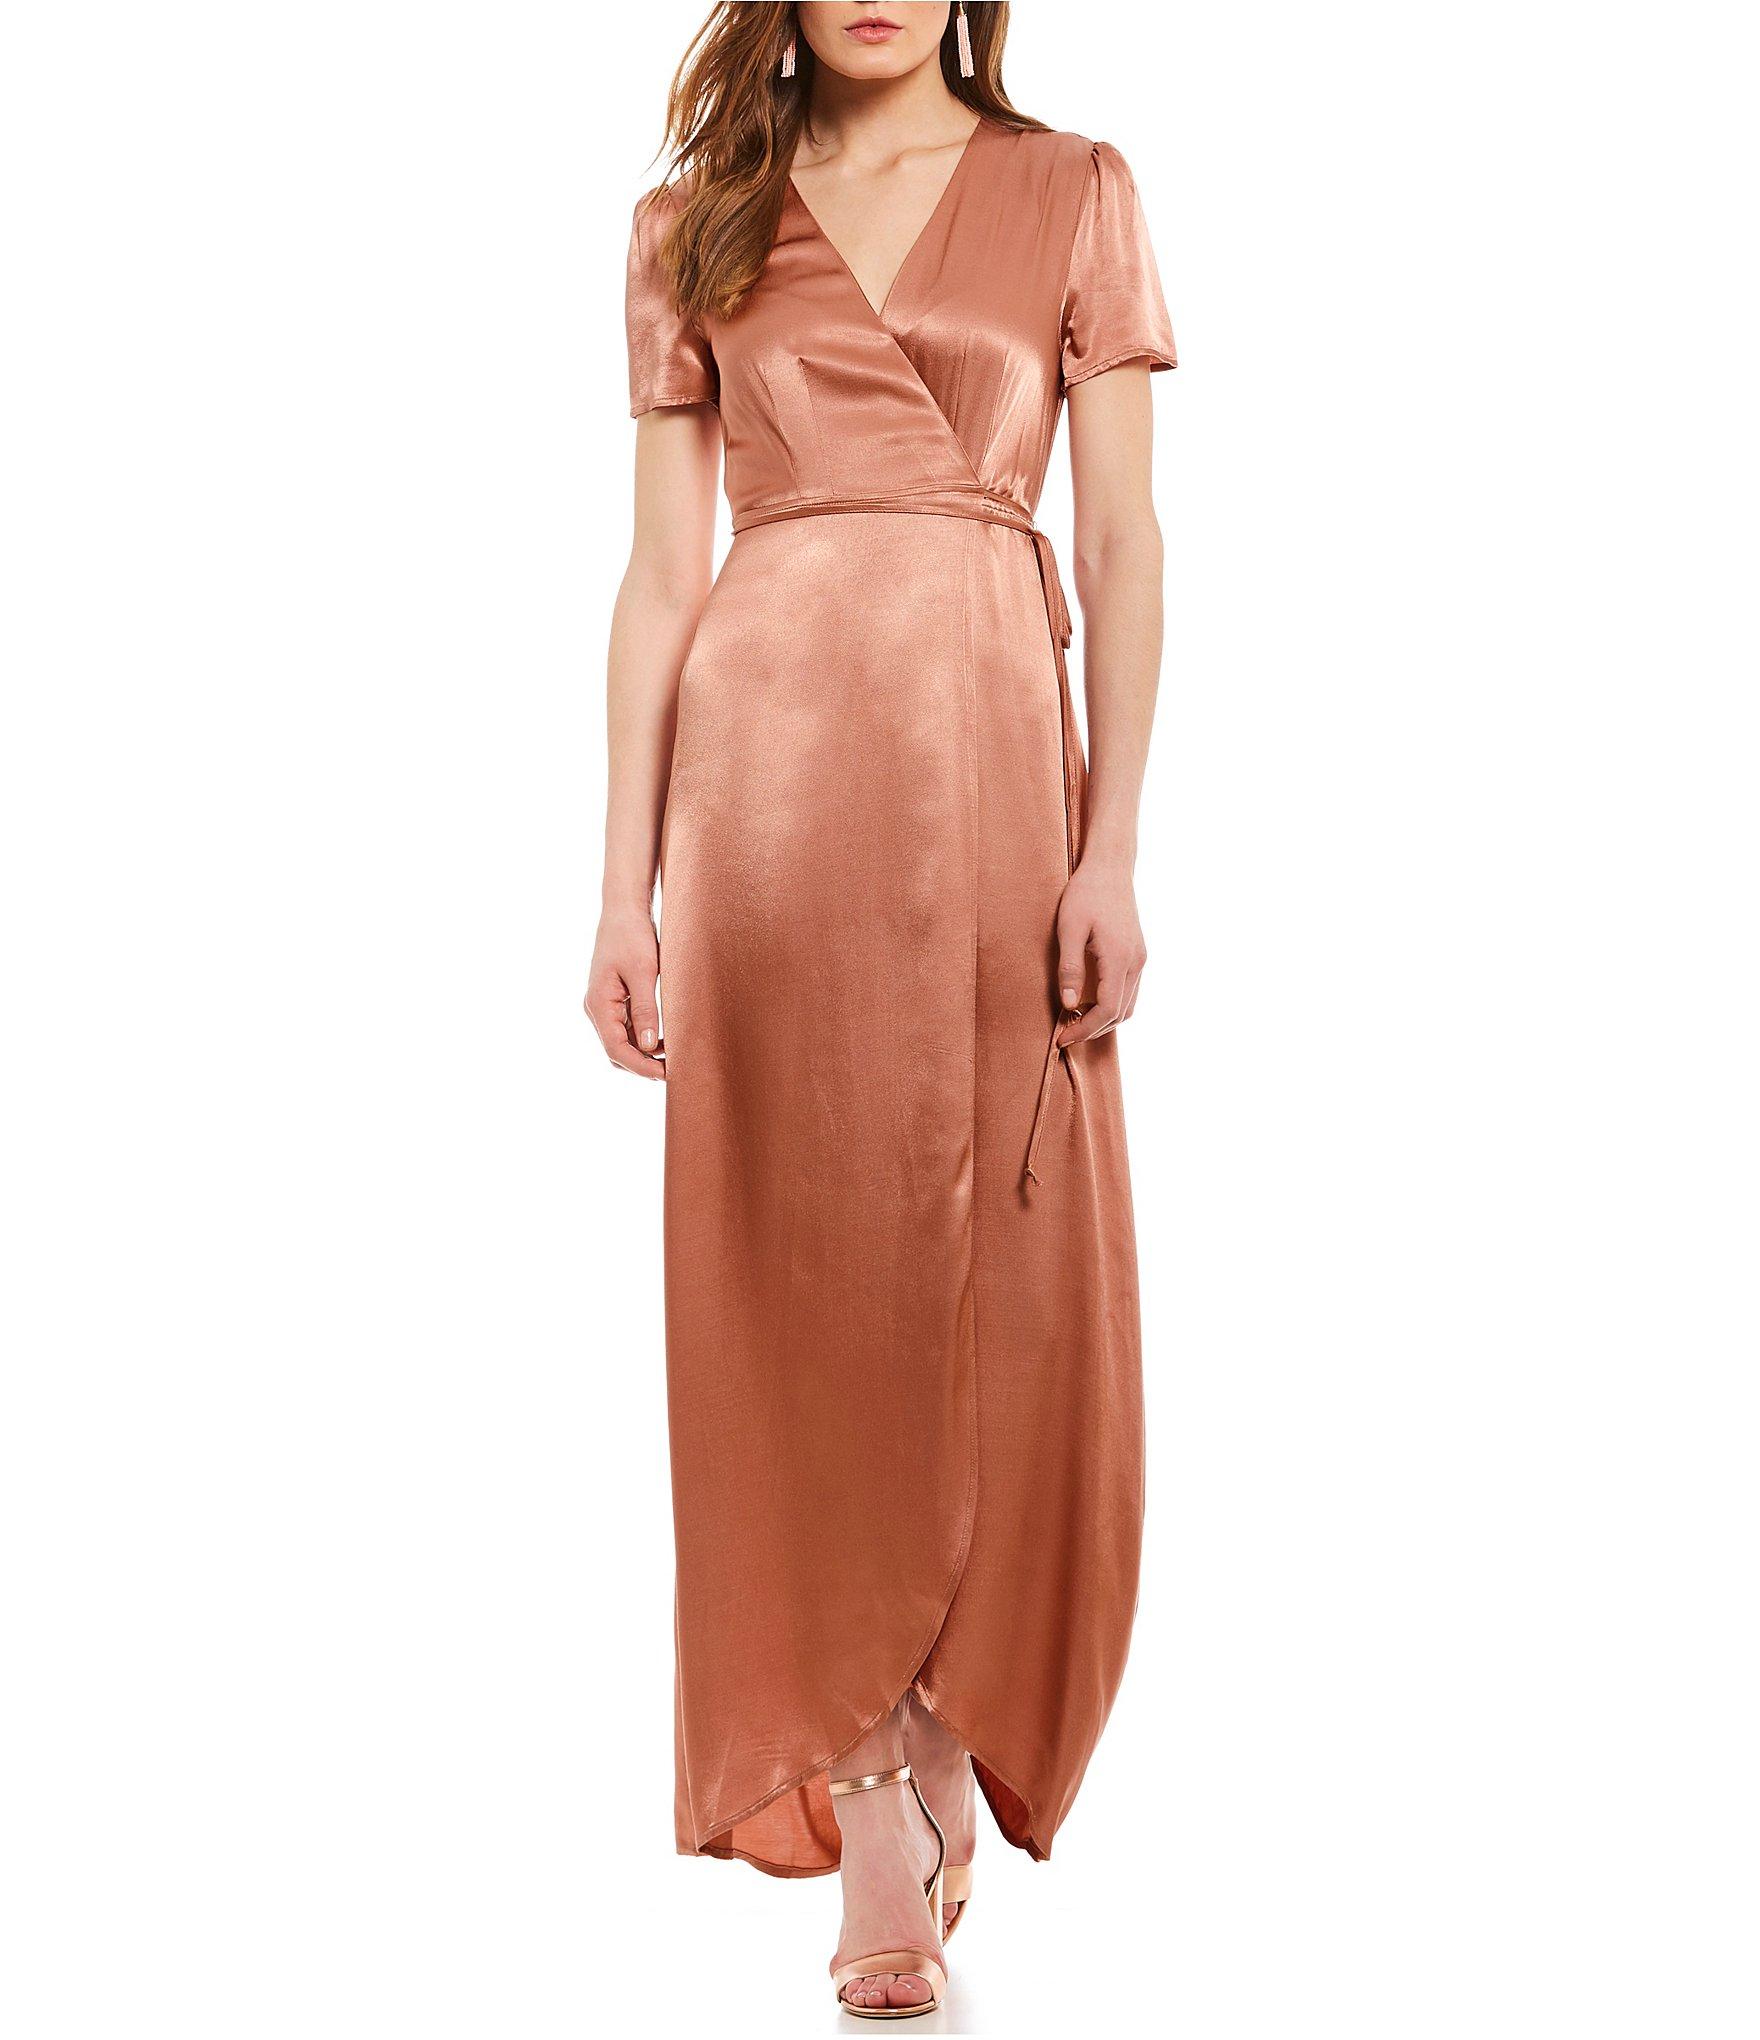 Rose coloured maxi dress